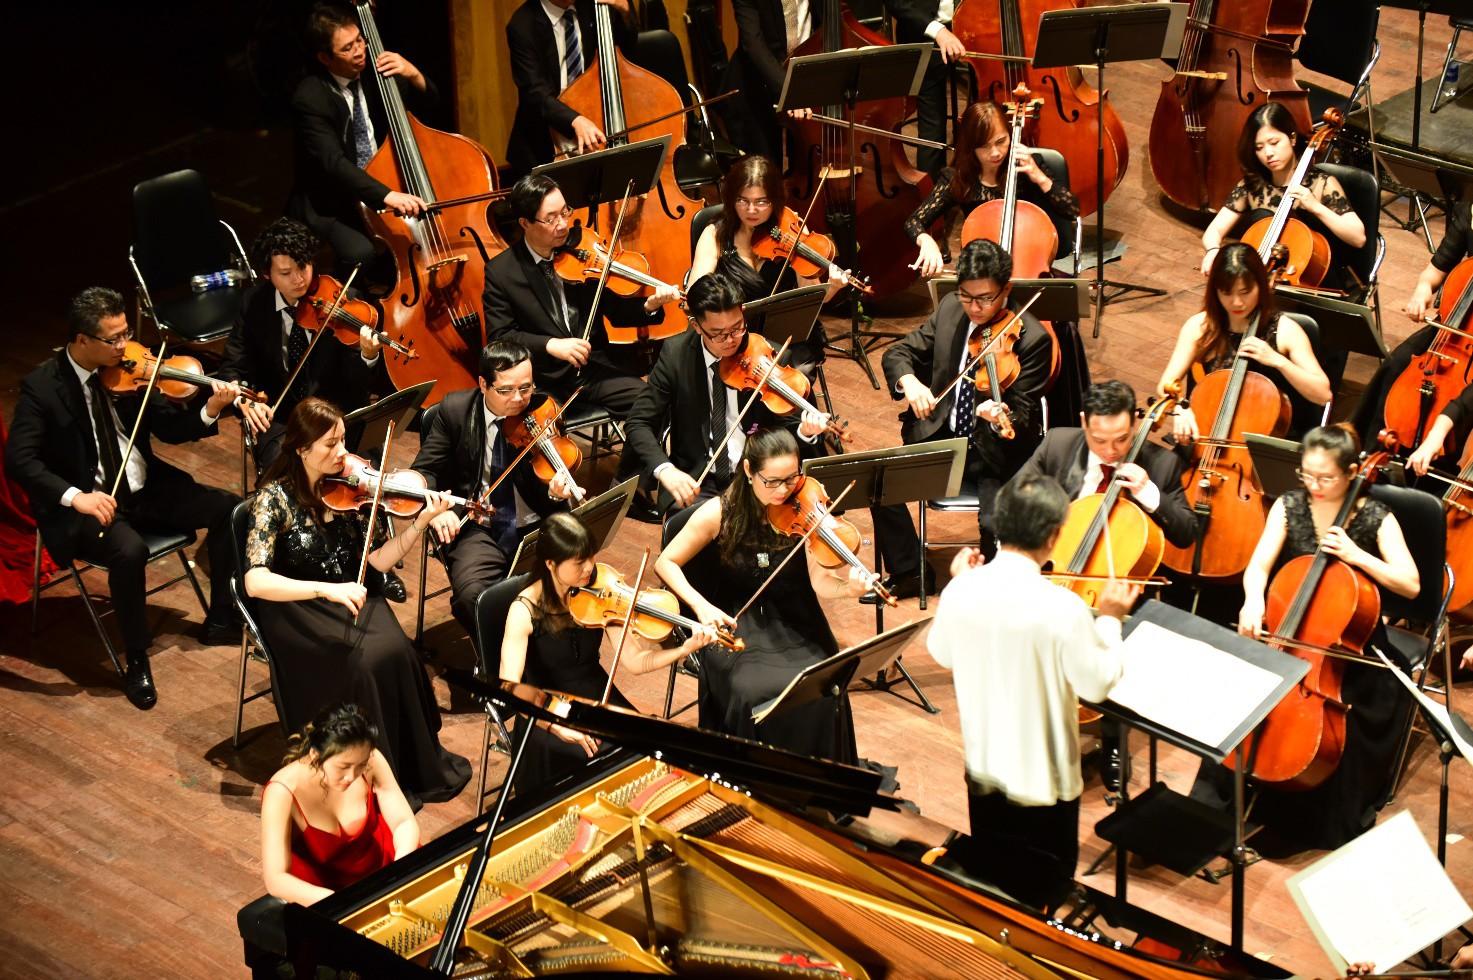 Acecook Việt Nam đem nhạc giao hưởng đến gần công chúng: đường dài lan toả hạnh phúc - Ảnh 2.